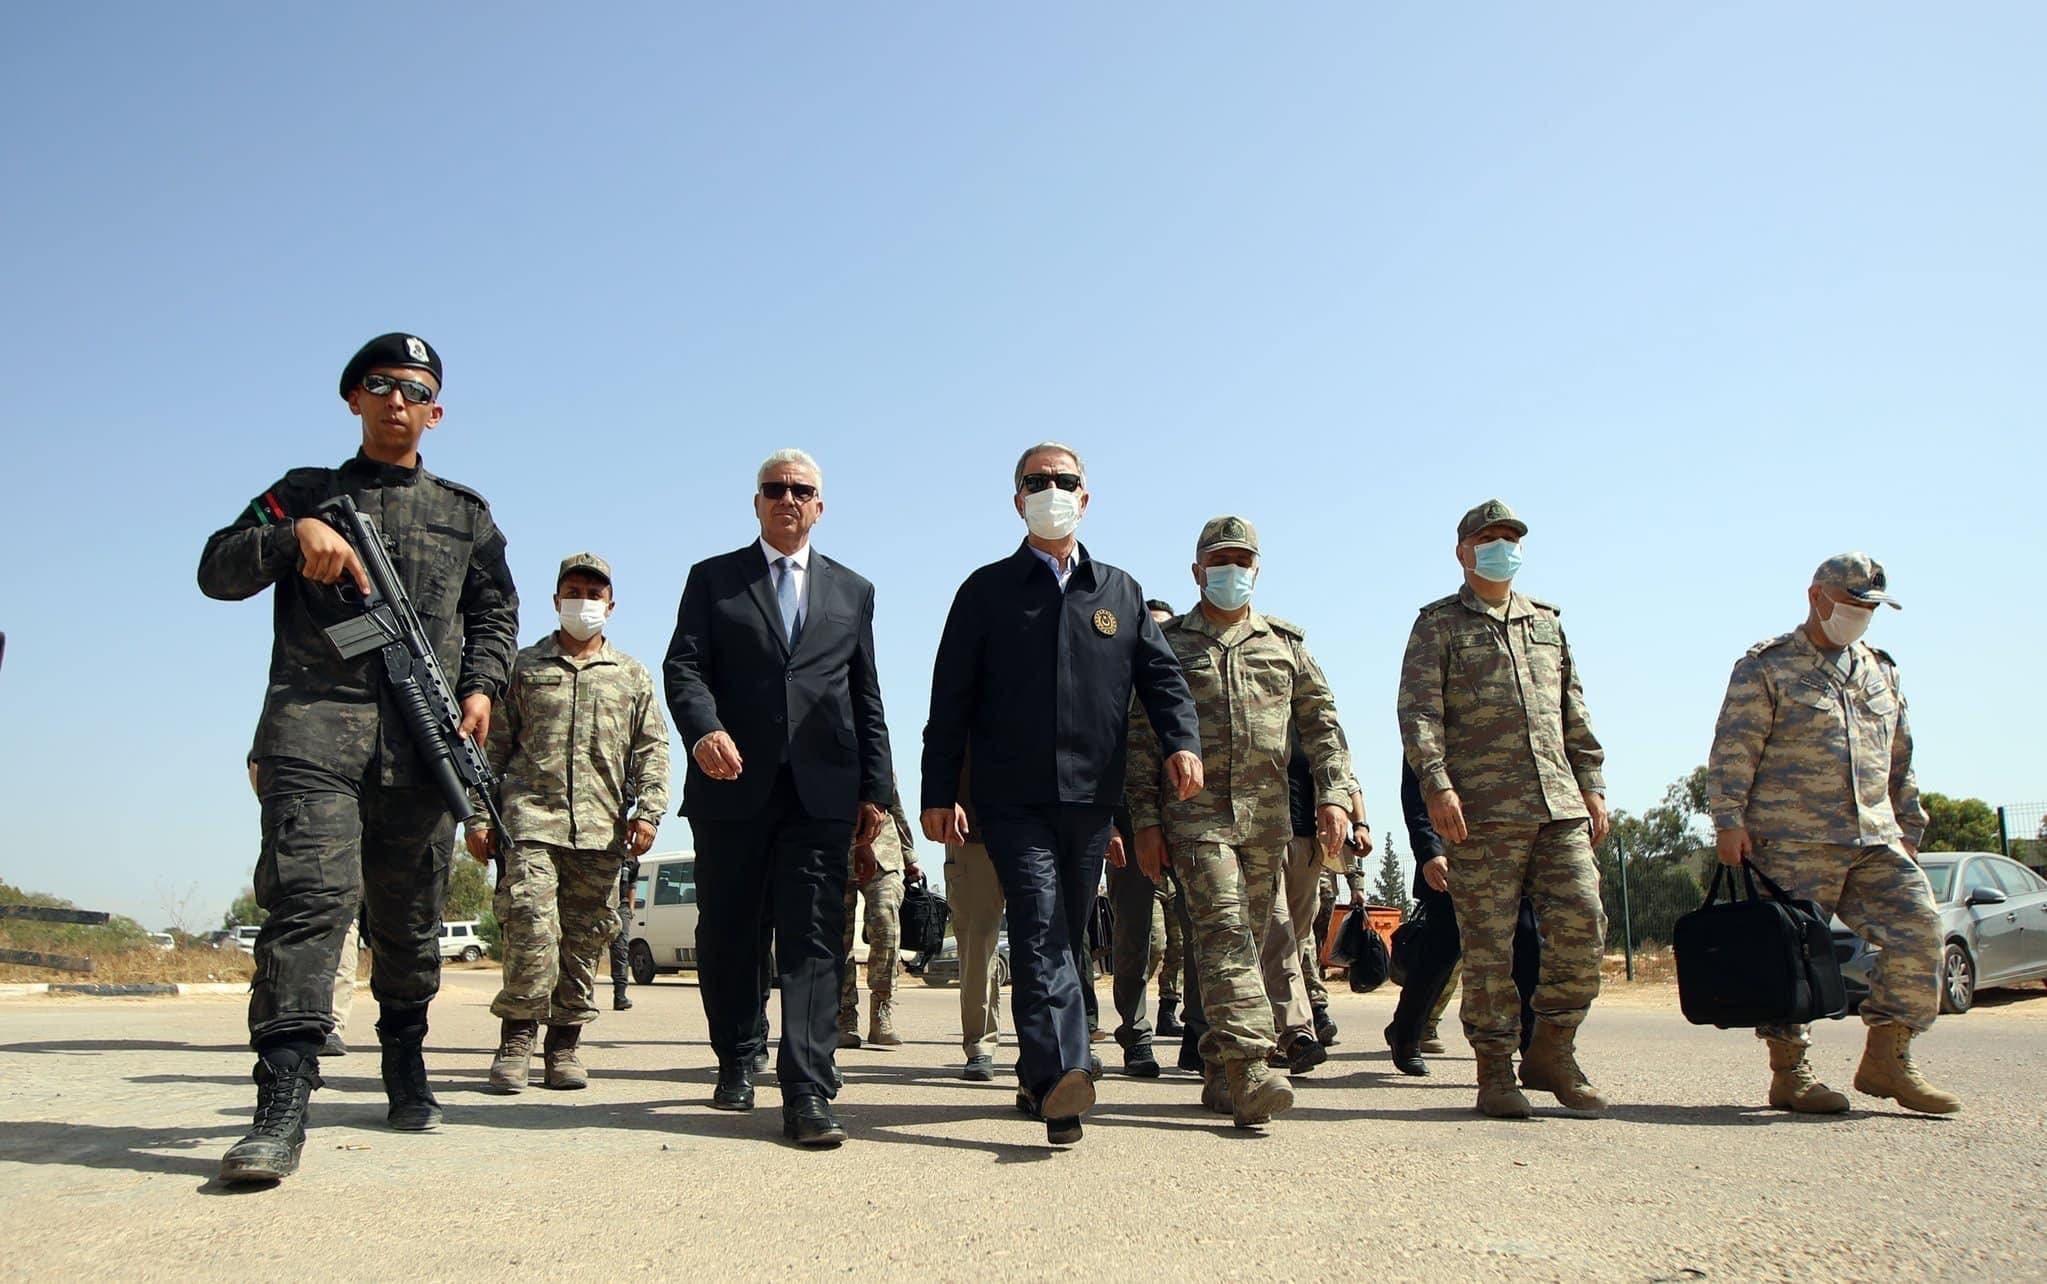 وزير الدفاع التركي في مصراتة (أرشيفية)